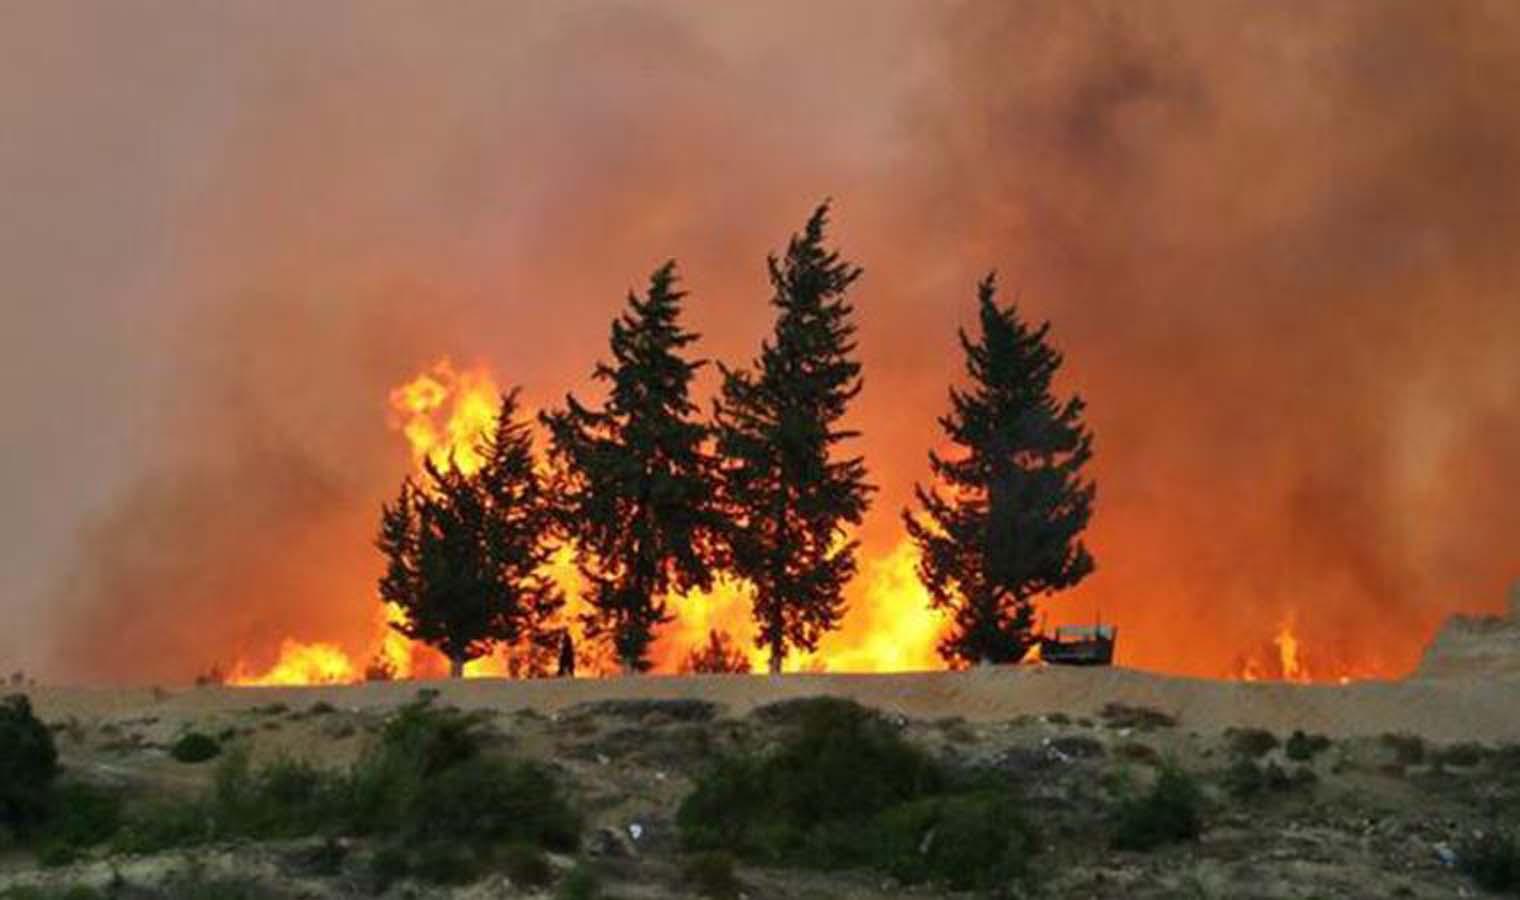 Hangi illerde orman yangını var? | Hangi illerde yangın oldu? Yangınlar neden çıktı?